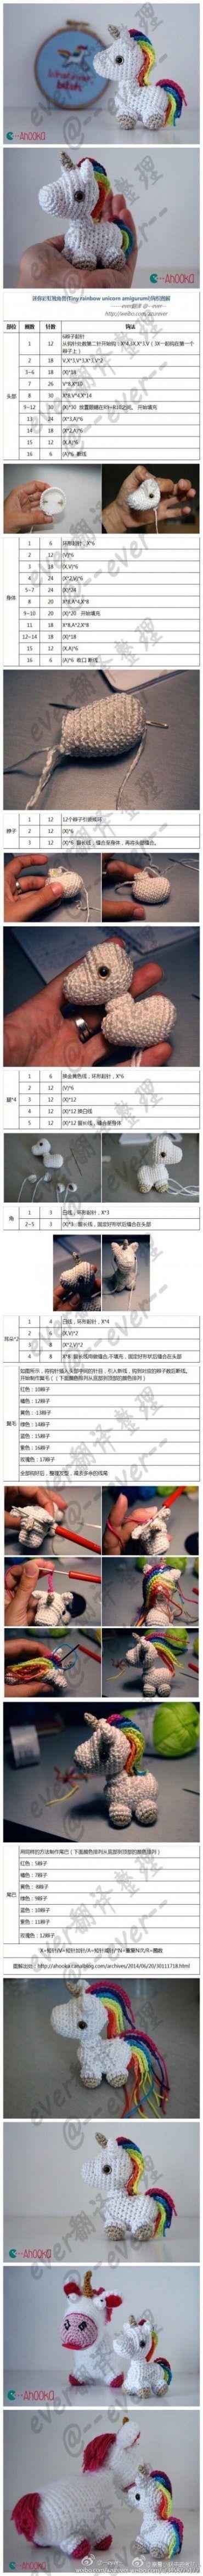 Kit de crochet de unicornio, sonaja, amigurumi y portachupon ... | 4698x370